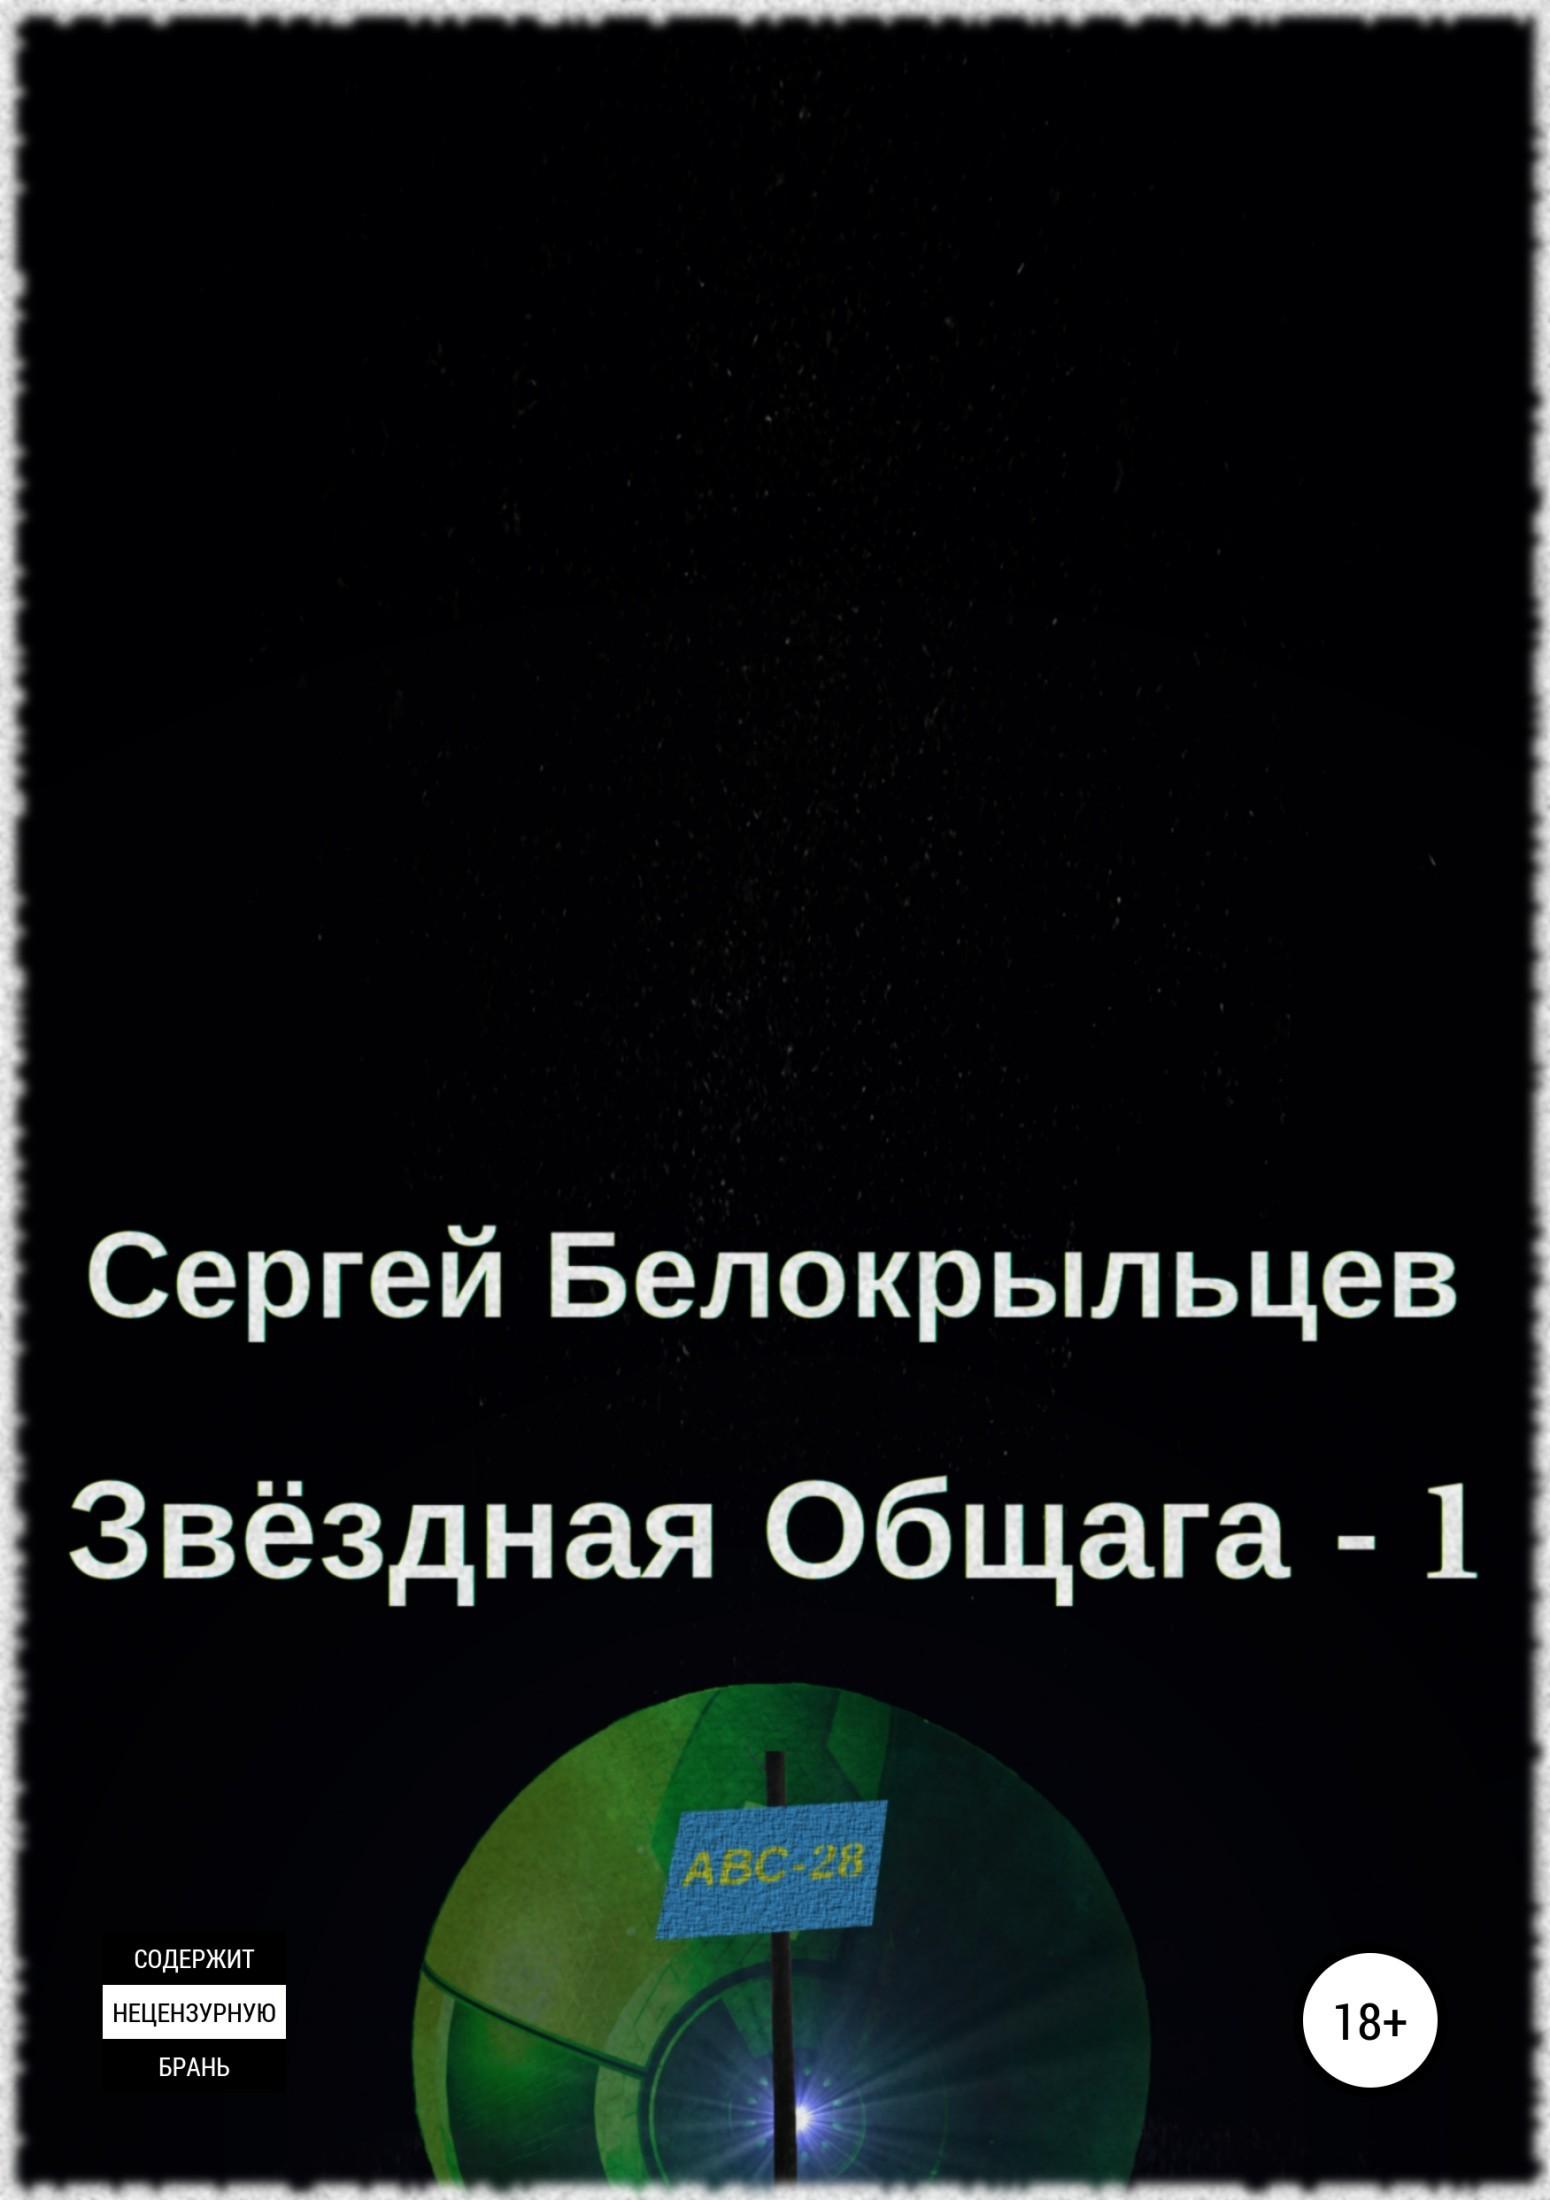 Сергей Белокрыльцев - Звёздная Общага – 1